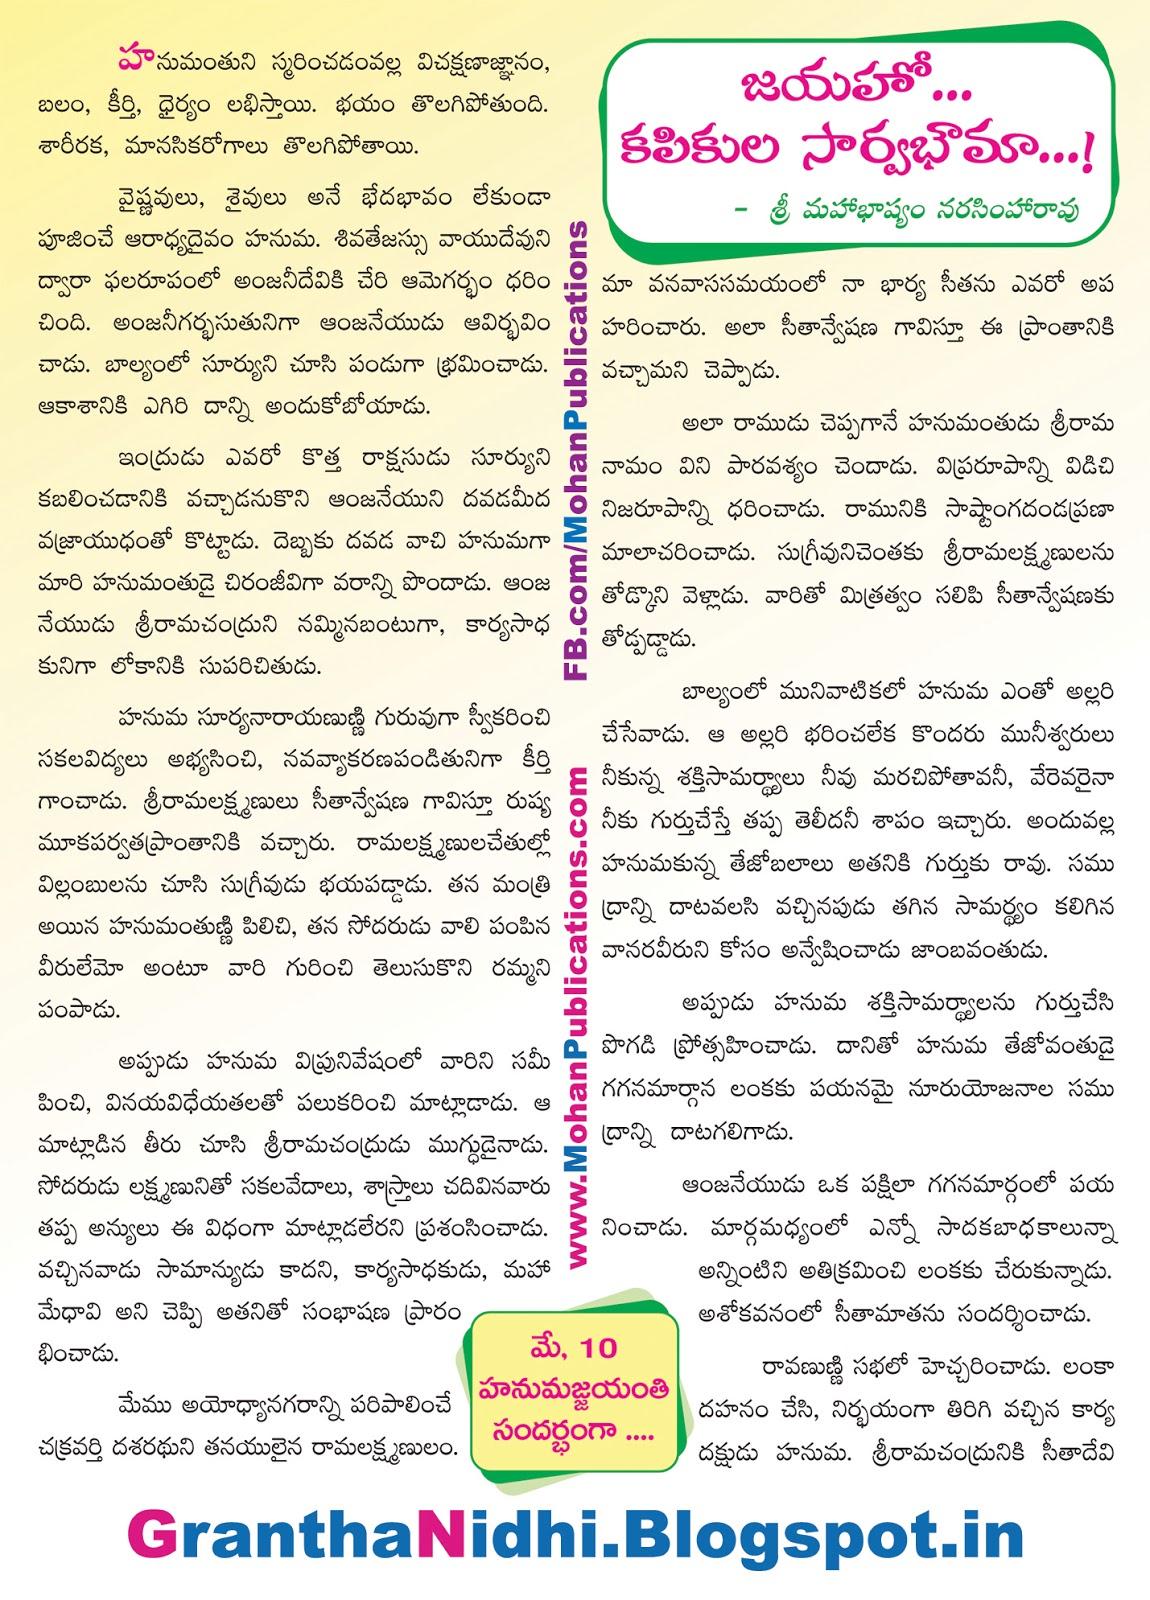 జయహో కపికుల సార్వభౌమ Hanumath Jayanti Hanumajjayanthi Hanumadjayanthi Hanumath jayanthi Hanuman Jayanti Hanuman Jyanthi Hanumad Jayanthi Hanumad Jayanti Publications in Rajahmundry, Books Publisher in Rajahmundry, Popular Publisher in Rajahmundry, BhaktiPustakalu, Makarandam, Bhakthi Pustakalu, JYOTHISA,VASTU,MANTRA, TANTRA,YANTRA,RASIPALITALU, BHAKTI,LEELA,BHAKTHI SONGS, BHAKTHI,LAGNA,PURANA,NOMULU, VRATHAMULU,POOJALU,  KALABHAIRAVAGURU, SAHASRANAMAMULU,KAVACHAMULU, ASHTORAPUJA,KALASAPUJALU, KUJA DOSHA,DASAMAHAVIDYA, SADHANALU,MOHAN PUBLICATIONS, RAJAHMUNDRY BOOK STORE, BOOKS,DEVOTIONAL BOOKS, KALABHAIRAVA GURU,KALABHAIRAVA, RAJAMAHENDRAVARAM,GODAVARI,GOWTHAMI, FORTGATE,KOTAGUMMAM,GODAVARI RAILWAY STATION, PRINT BOOKS,E BOOKS,PDF BOOKS, FREE PDF BOOKS,BHAKTHI MANDARAM,GRANTHANIDHI, GRANDANIDI,GRANDHANIDHI, BHAKTHI PUSTHAKALU, BHAKTI PUSTHAKALU, BHAKTHI